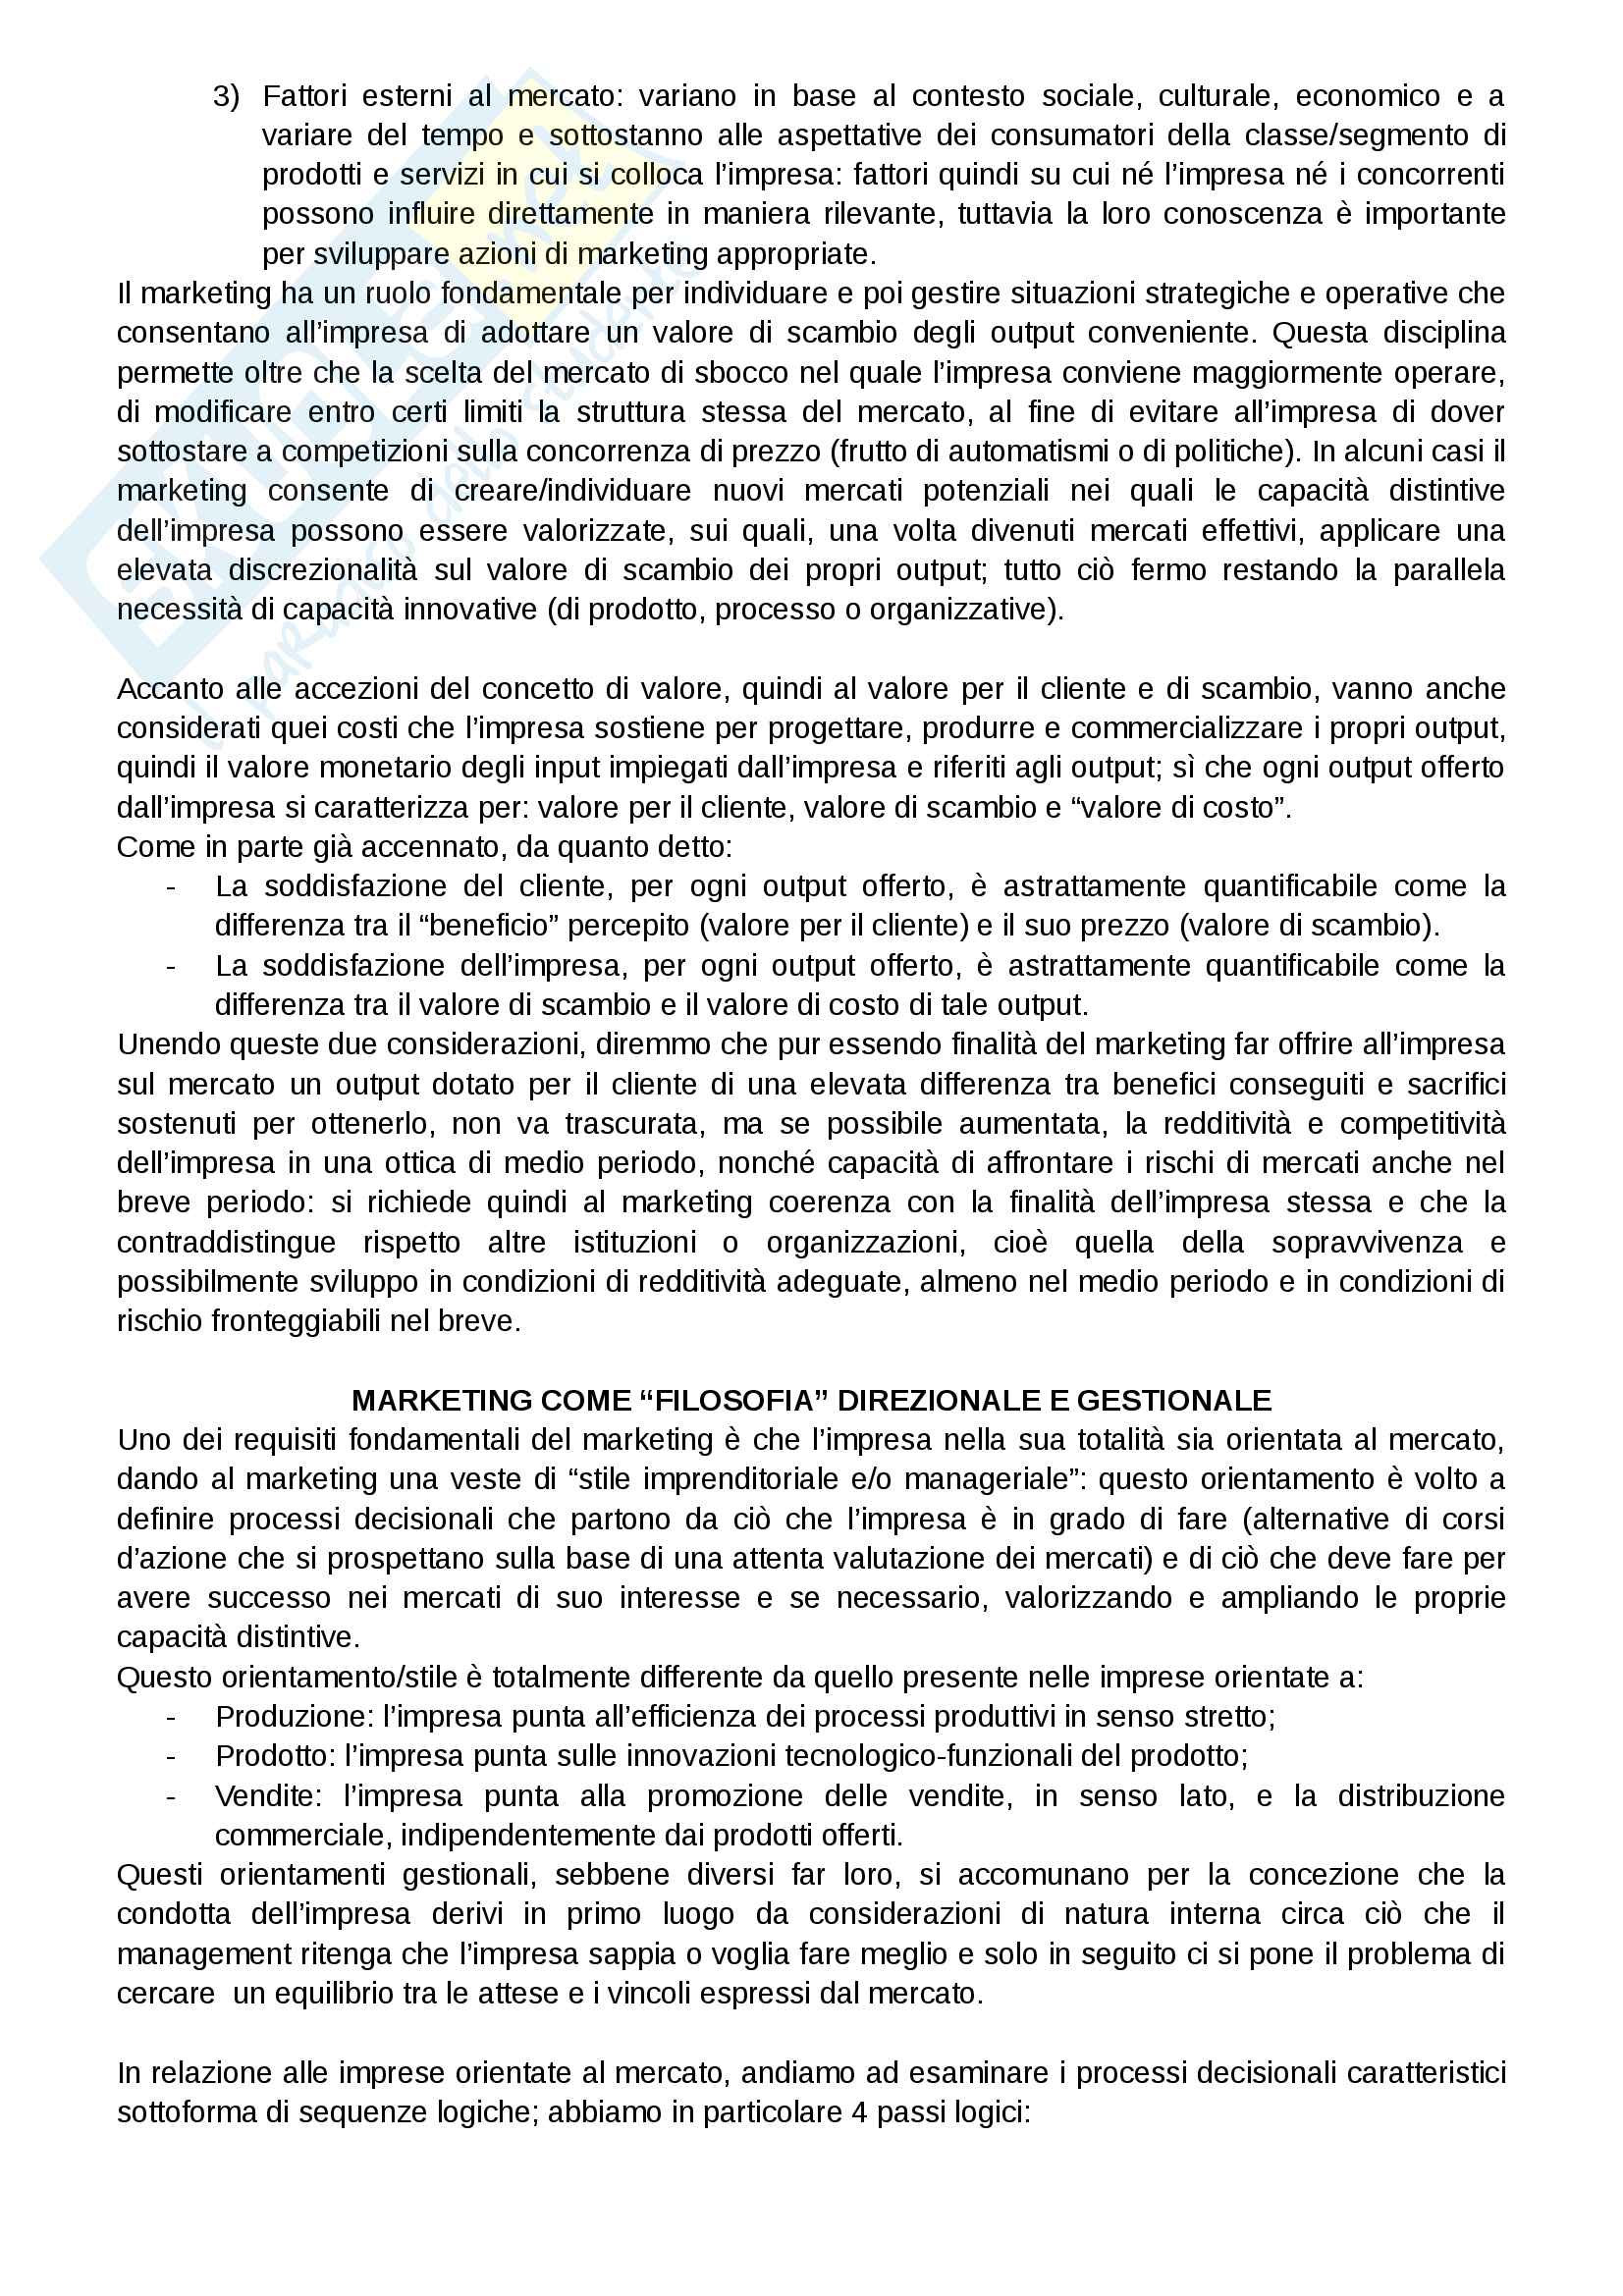 """Riassunto esame Marketing, docente Gian Luca Gregori, libro consigliato Marketing e creazione del valore"""", a cura di Giancarlo Ferrero Pag. 2"""